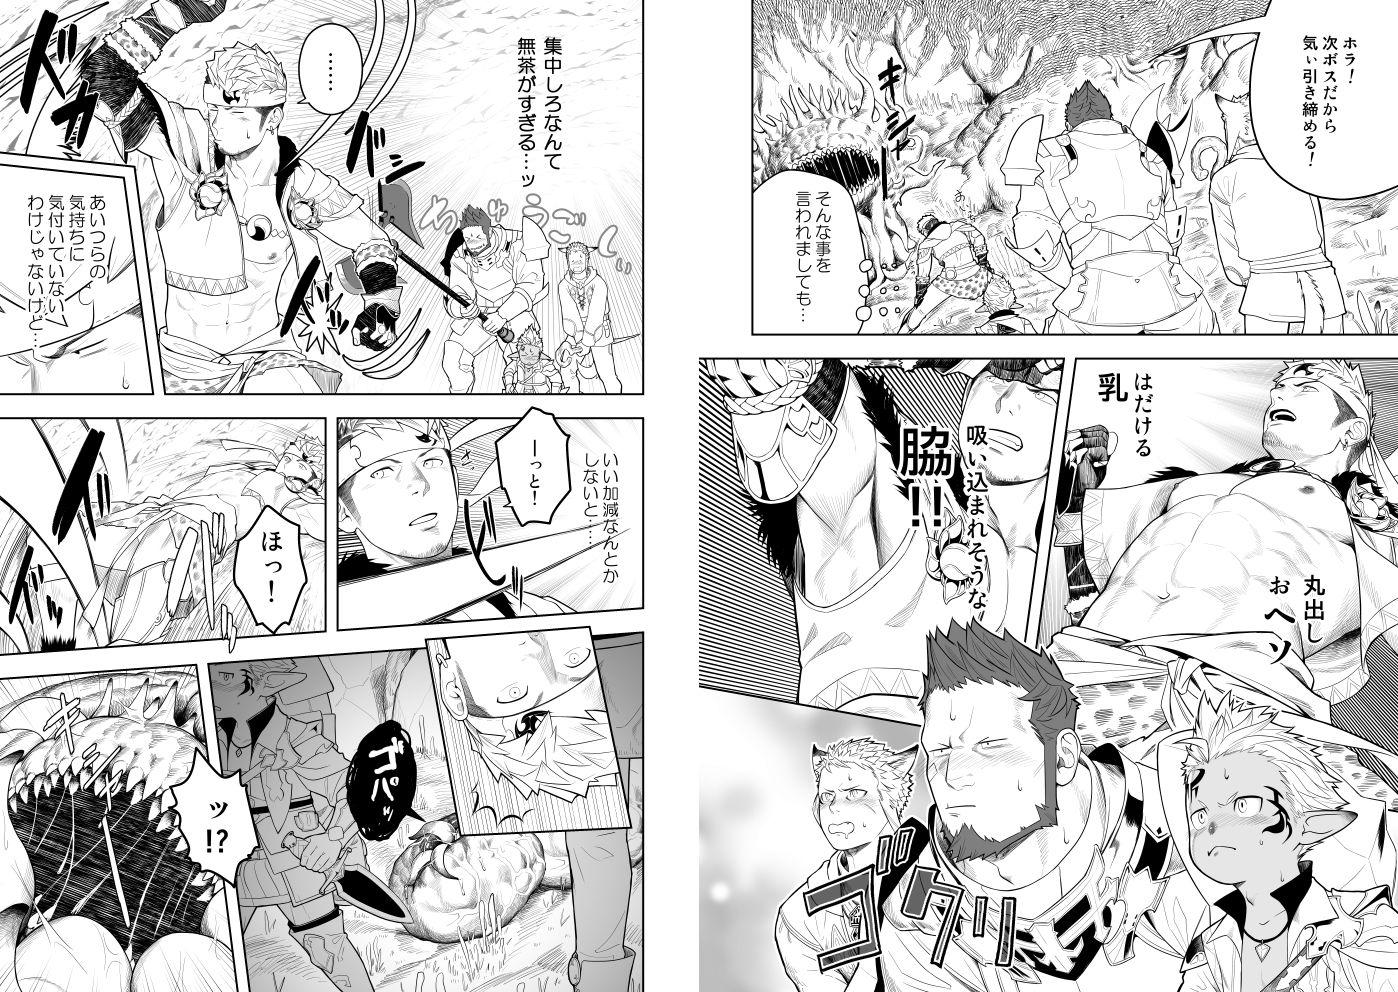 【ファイナルファンタジー 同人】隊長に夢中行軍オーラムヴェイル